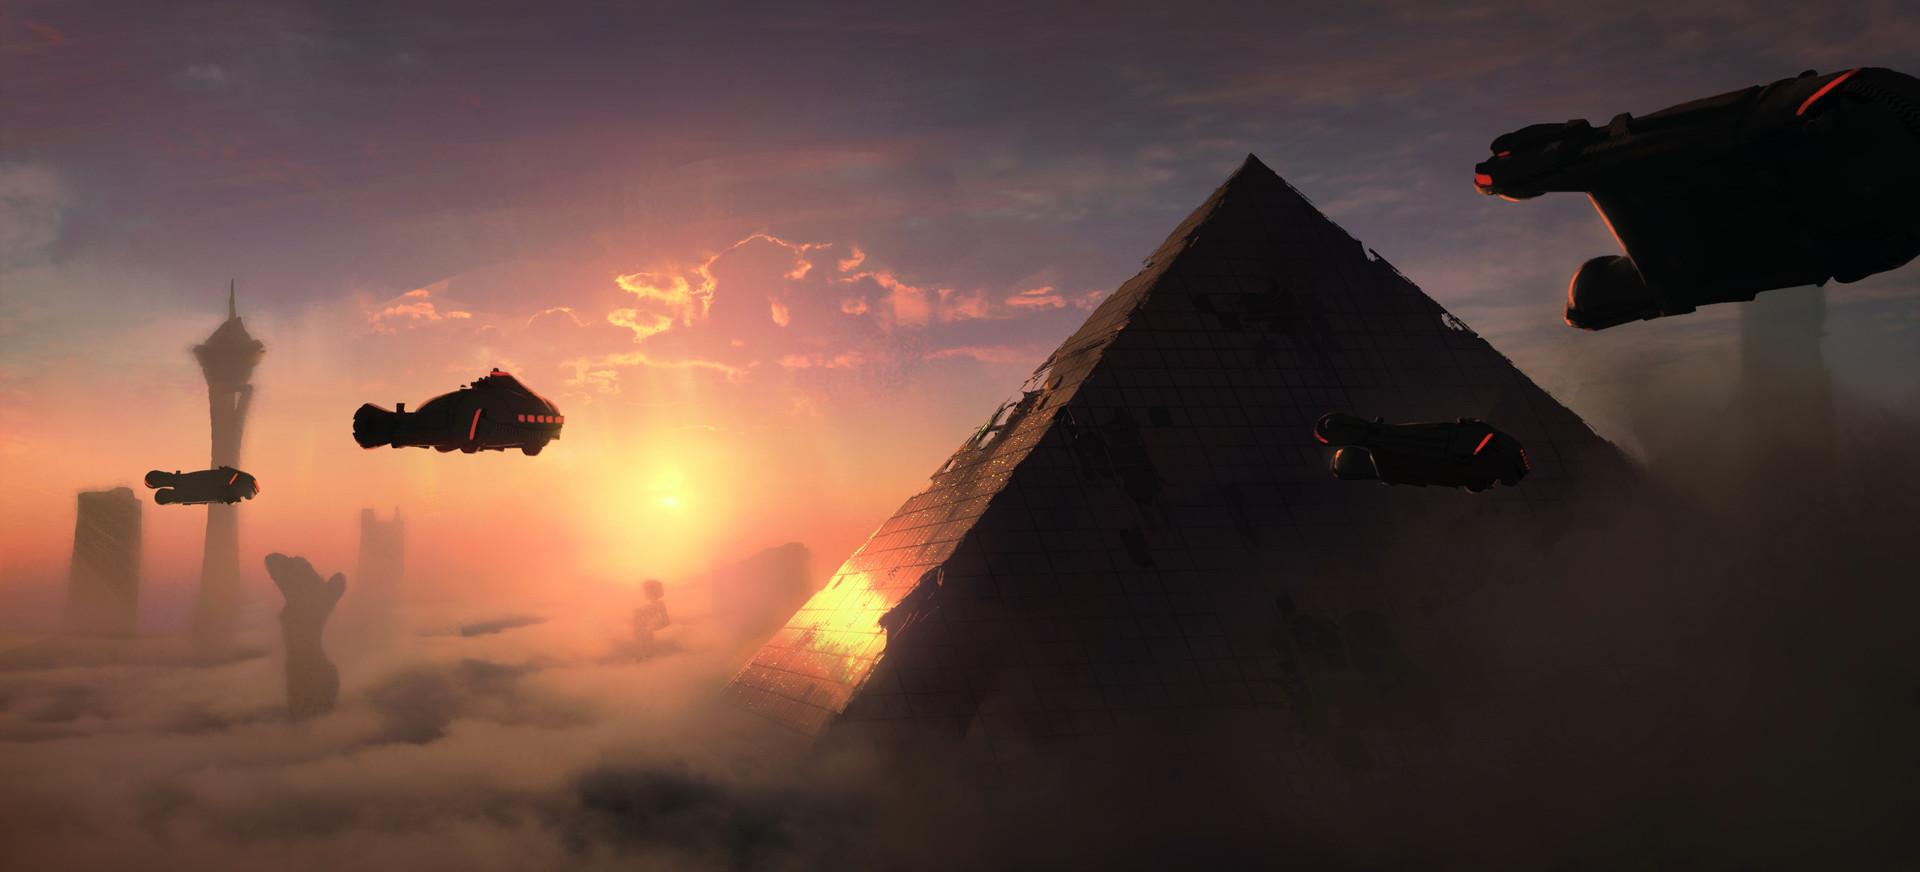 Jeremy paillotin tri 20160523 spinners pyramid sunrise v002 jp